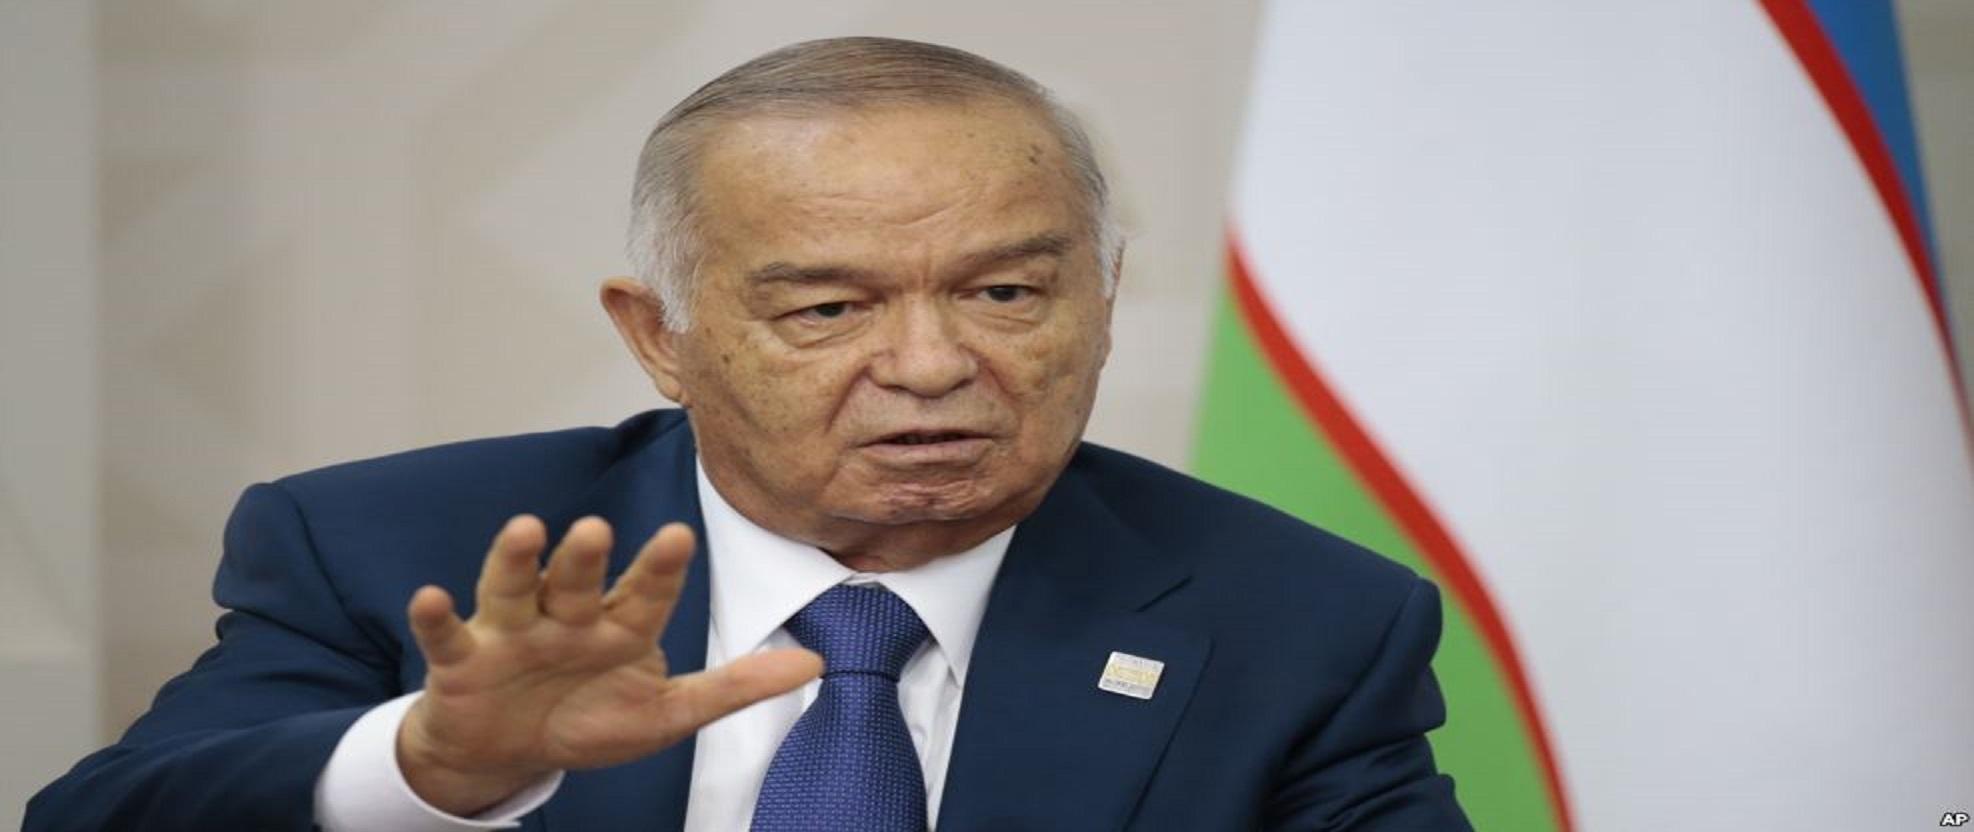 乌兹别克斯坦总统卡里莫夫去世 享年78岁